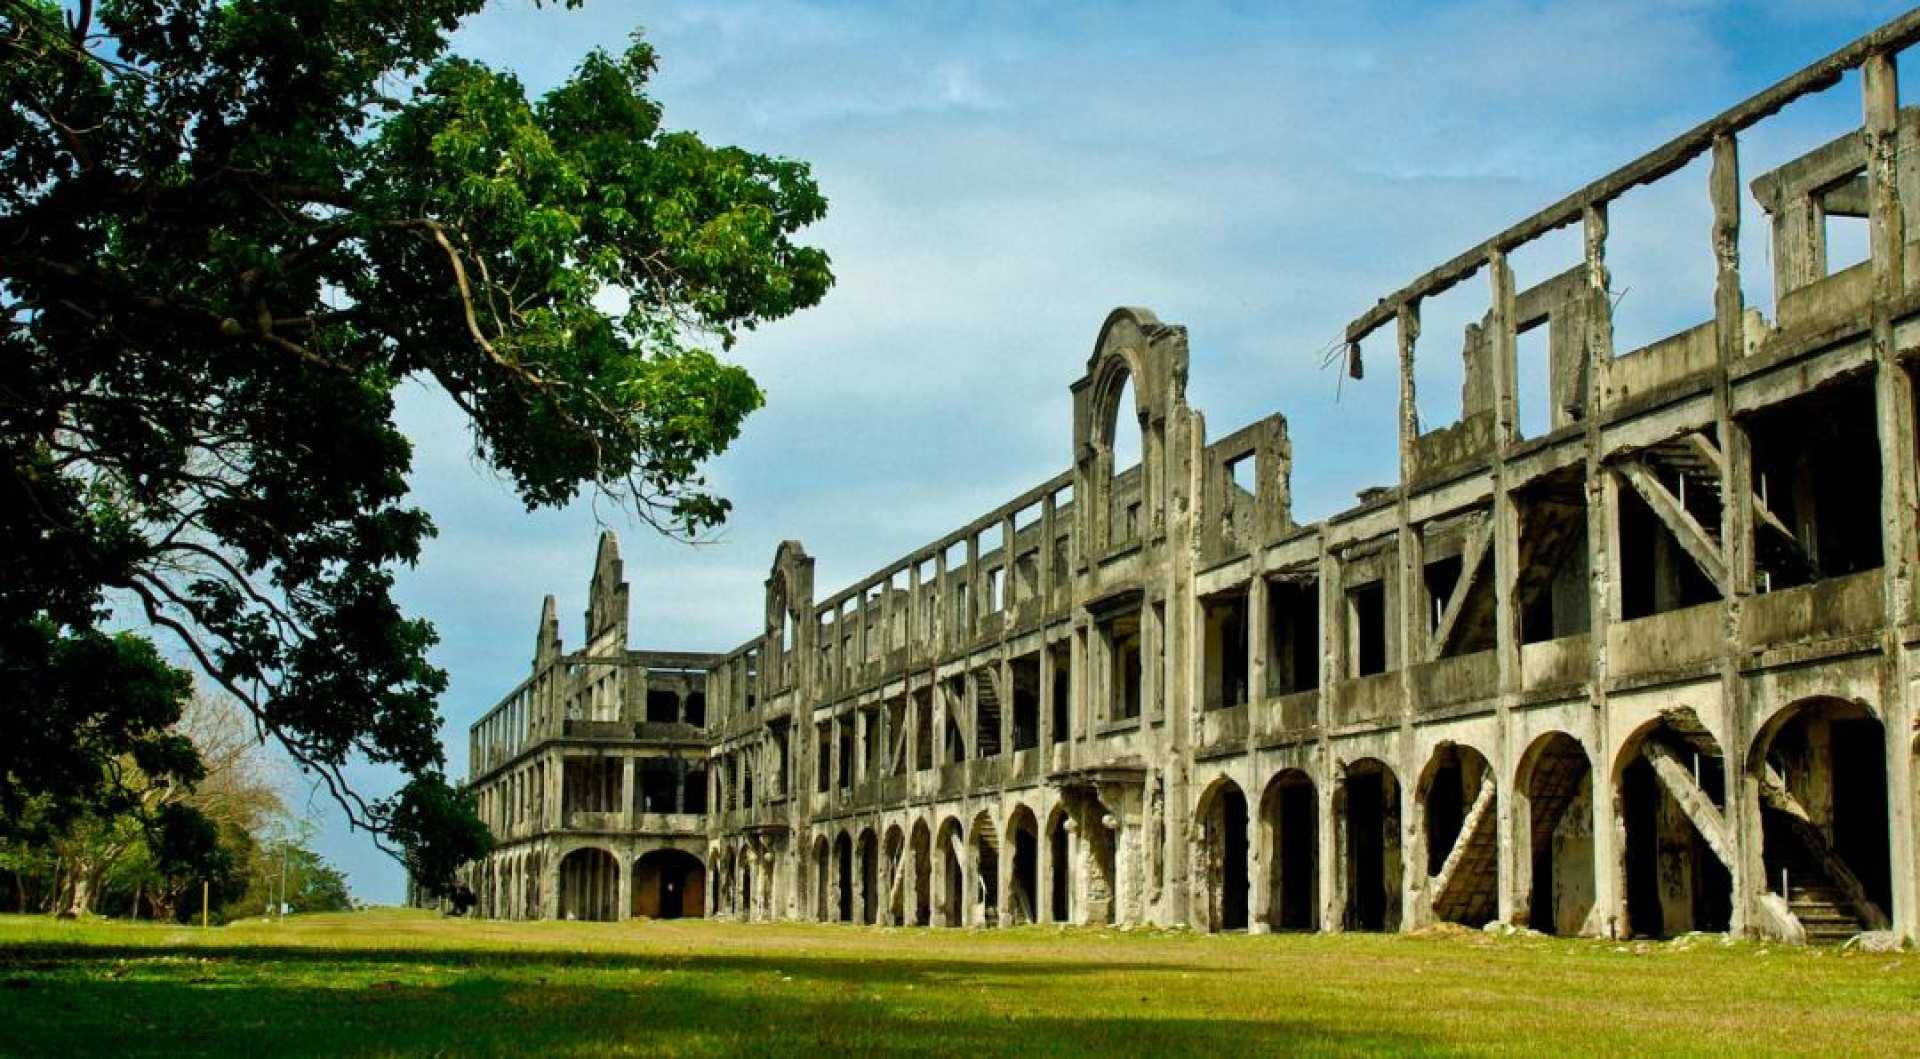 【走入二戰歷史遺跡】菲律賓科雷希多島一日遊